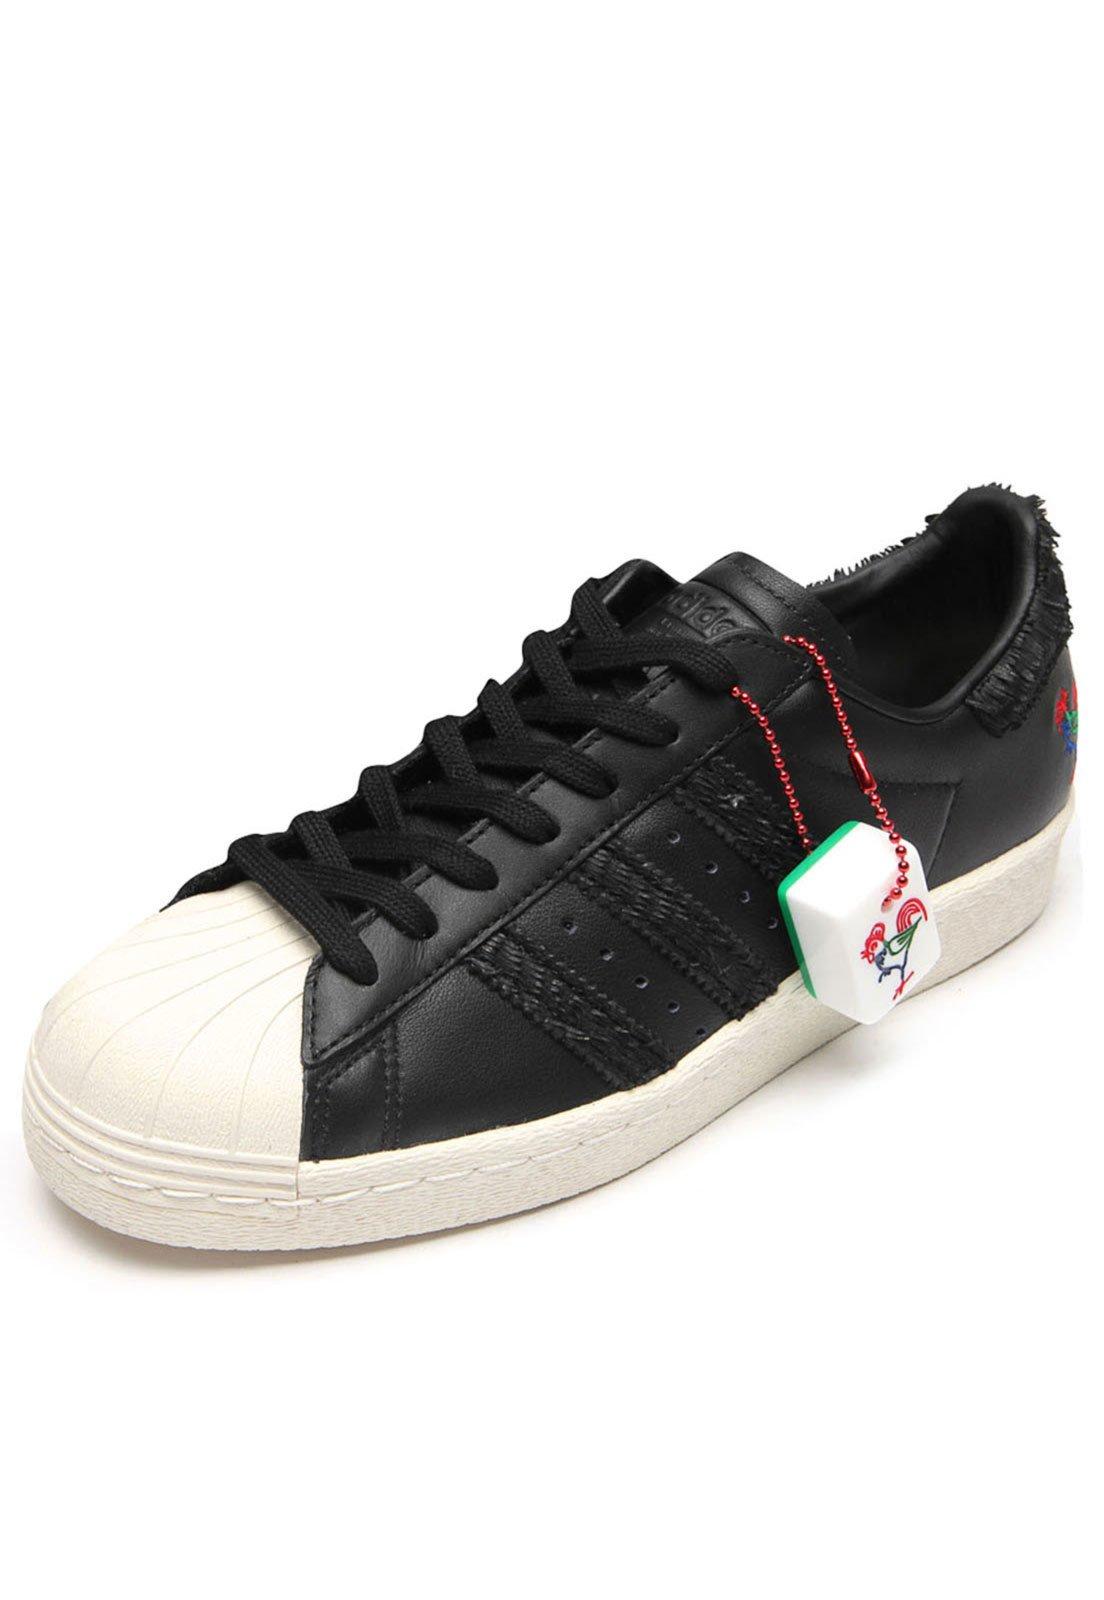 9ef61b1ea ... reduced tênis couro adidas originals superstar 80s cny preto branco compre  agora kanui brasil eafef d748c